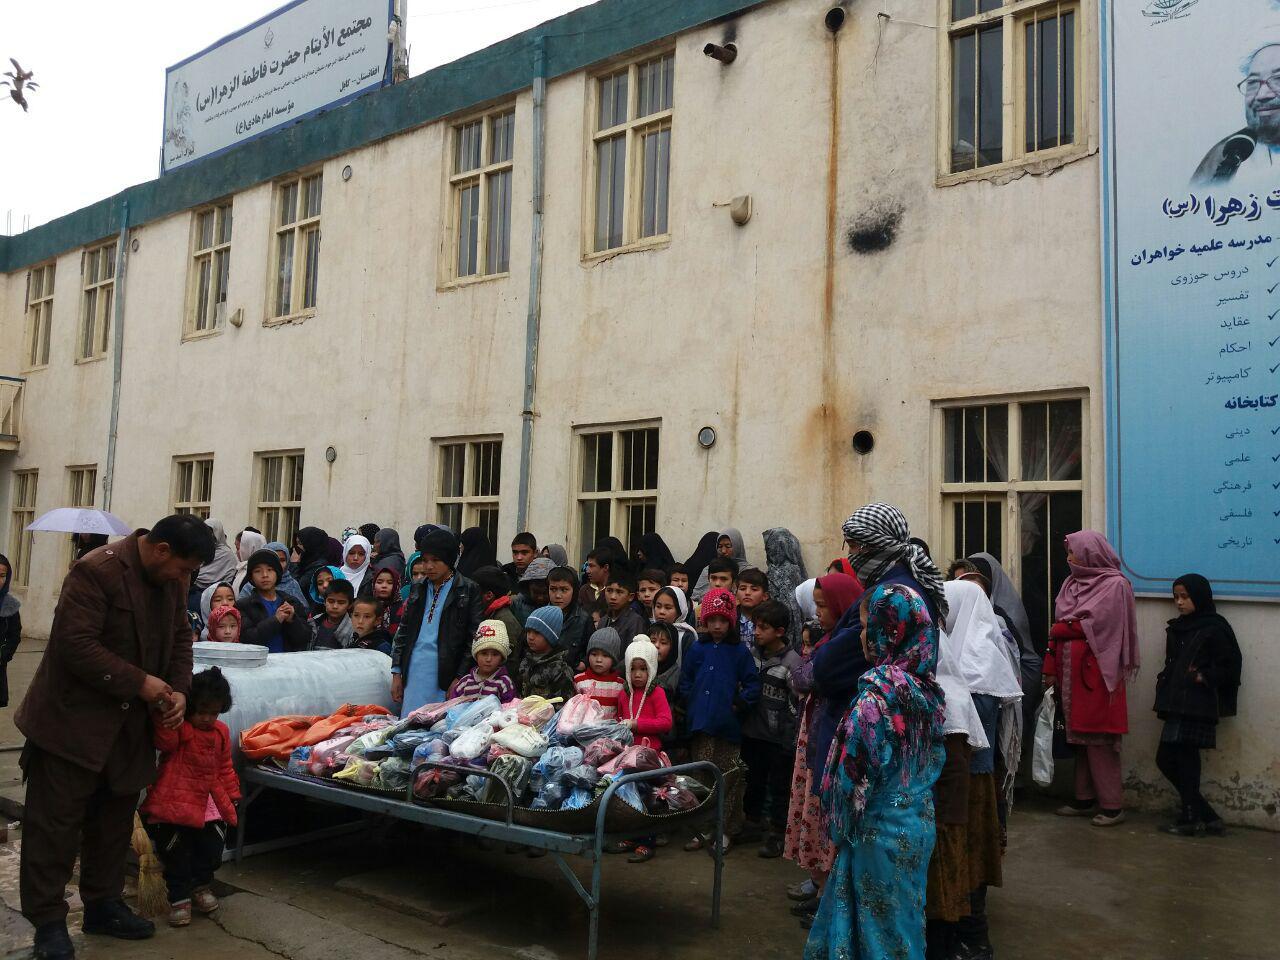 تصویر توزیع کمک های دارالایتام حضرت زهرا علیها سلام در کابل